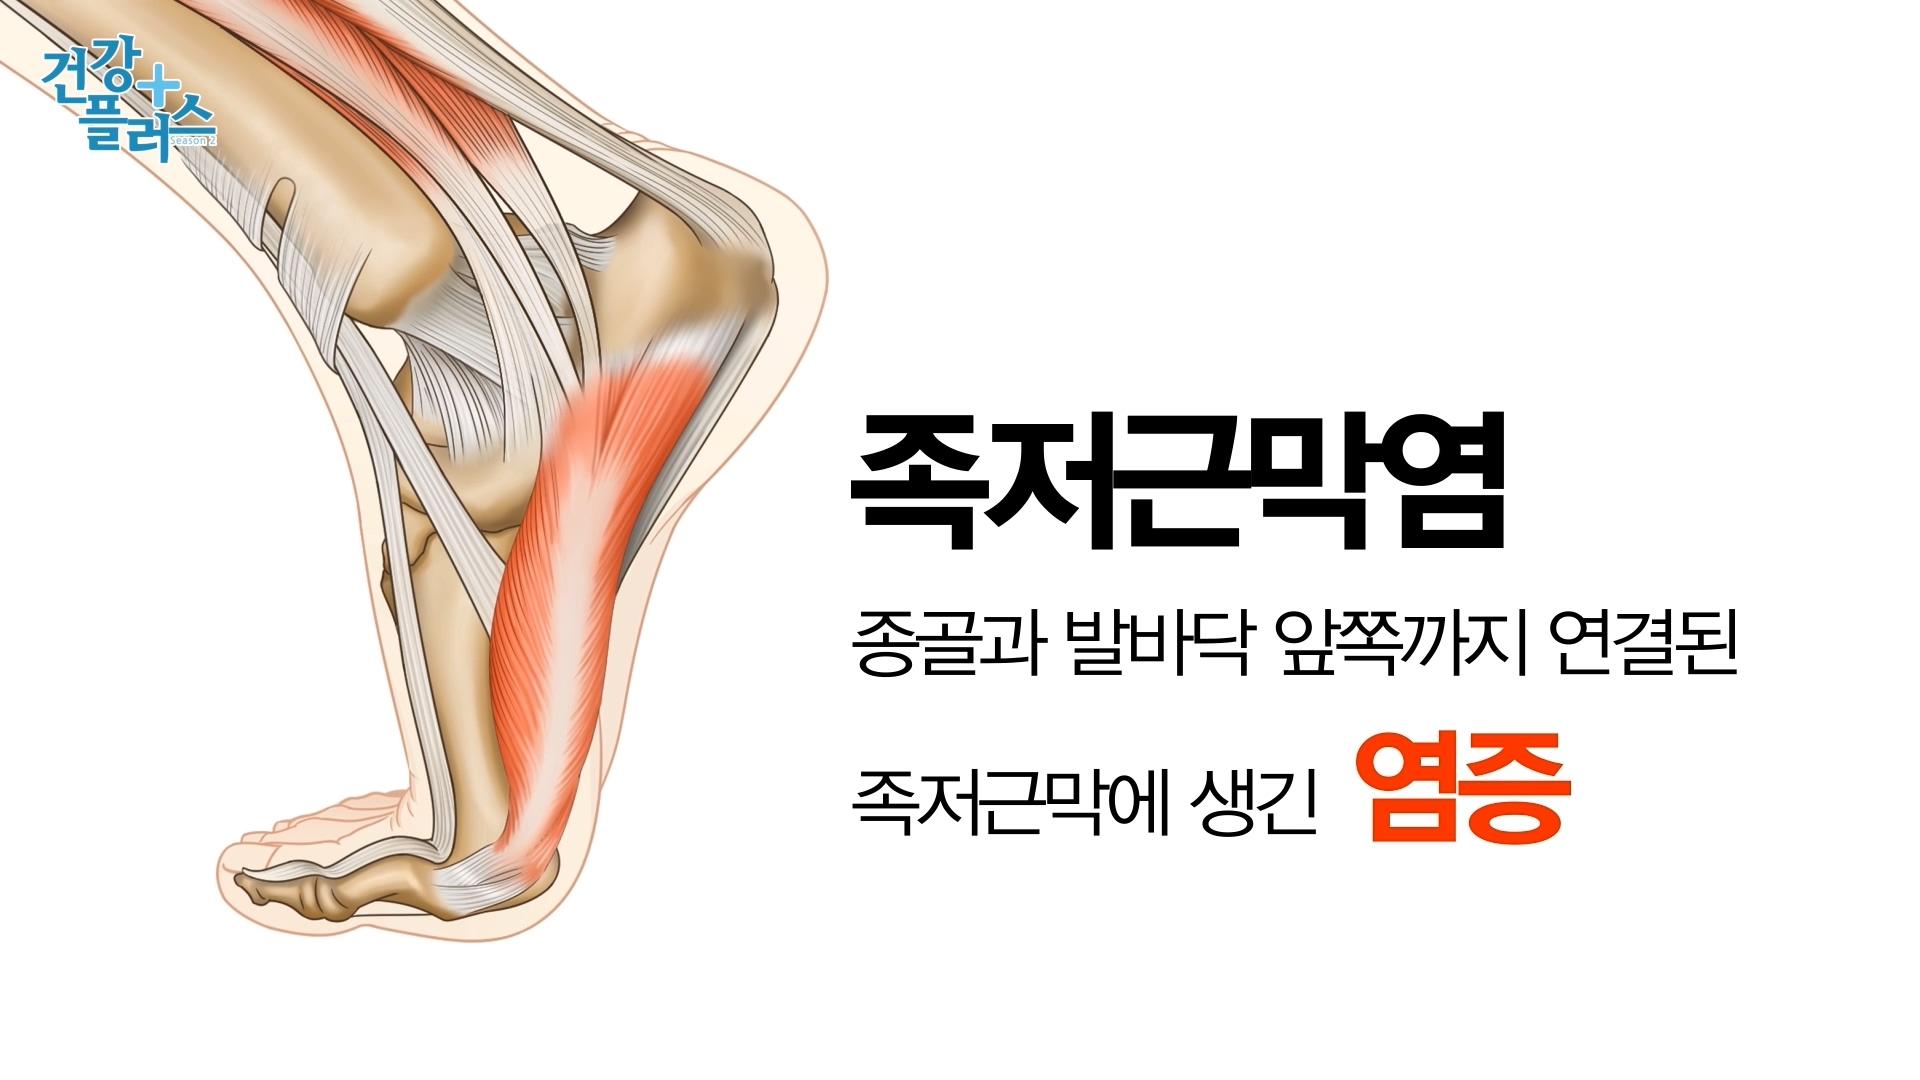 [건강+] 짜릿한 발바닥 통증 족저근막염